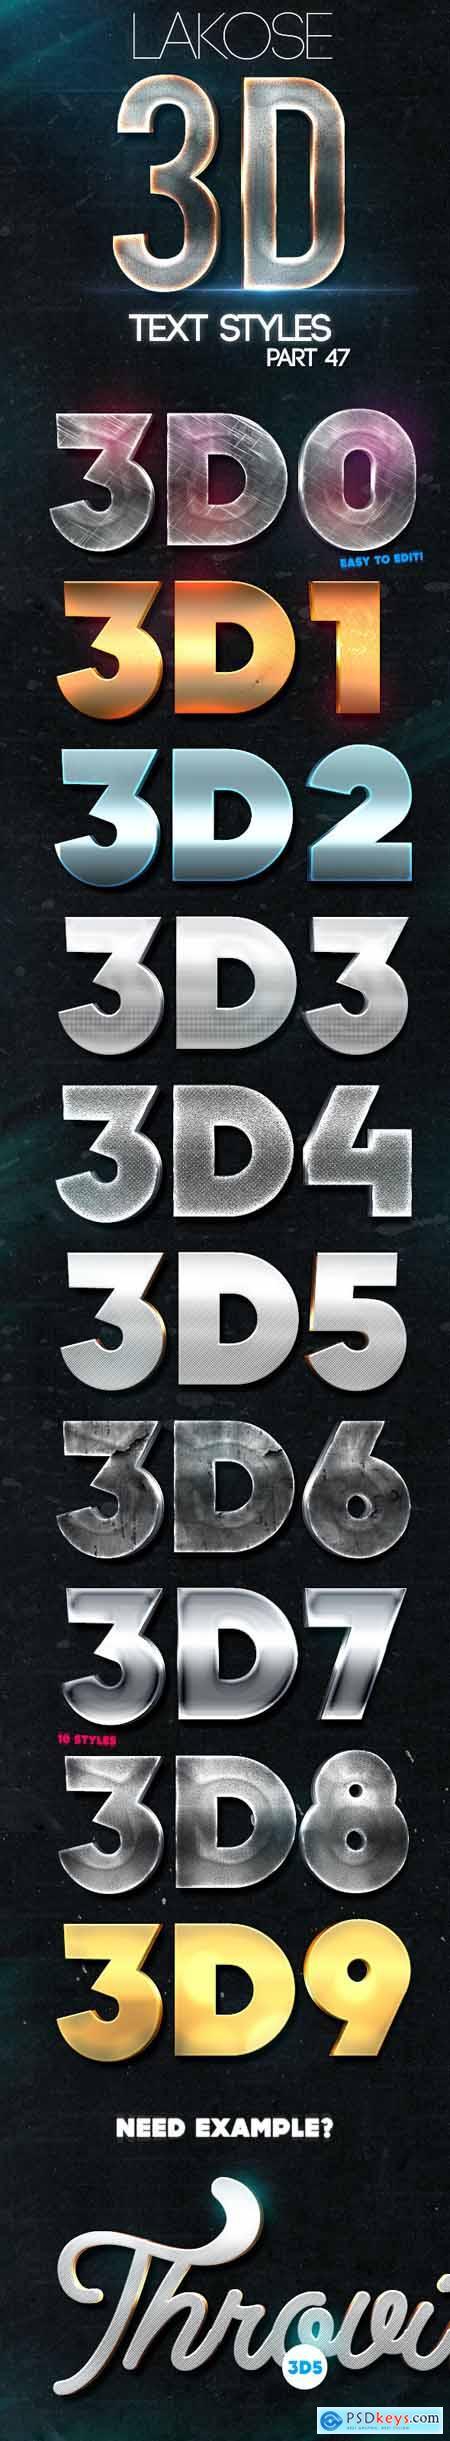 Lakose 3D Text Styles Part 47 24220050